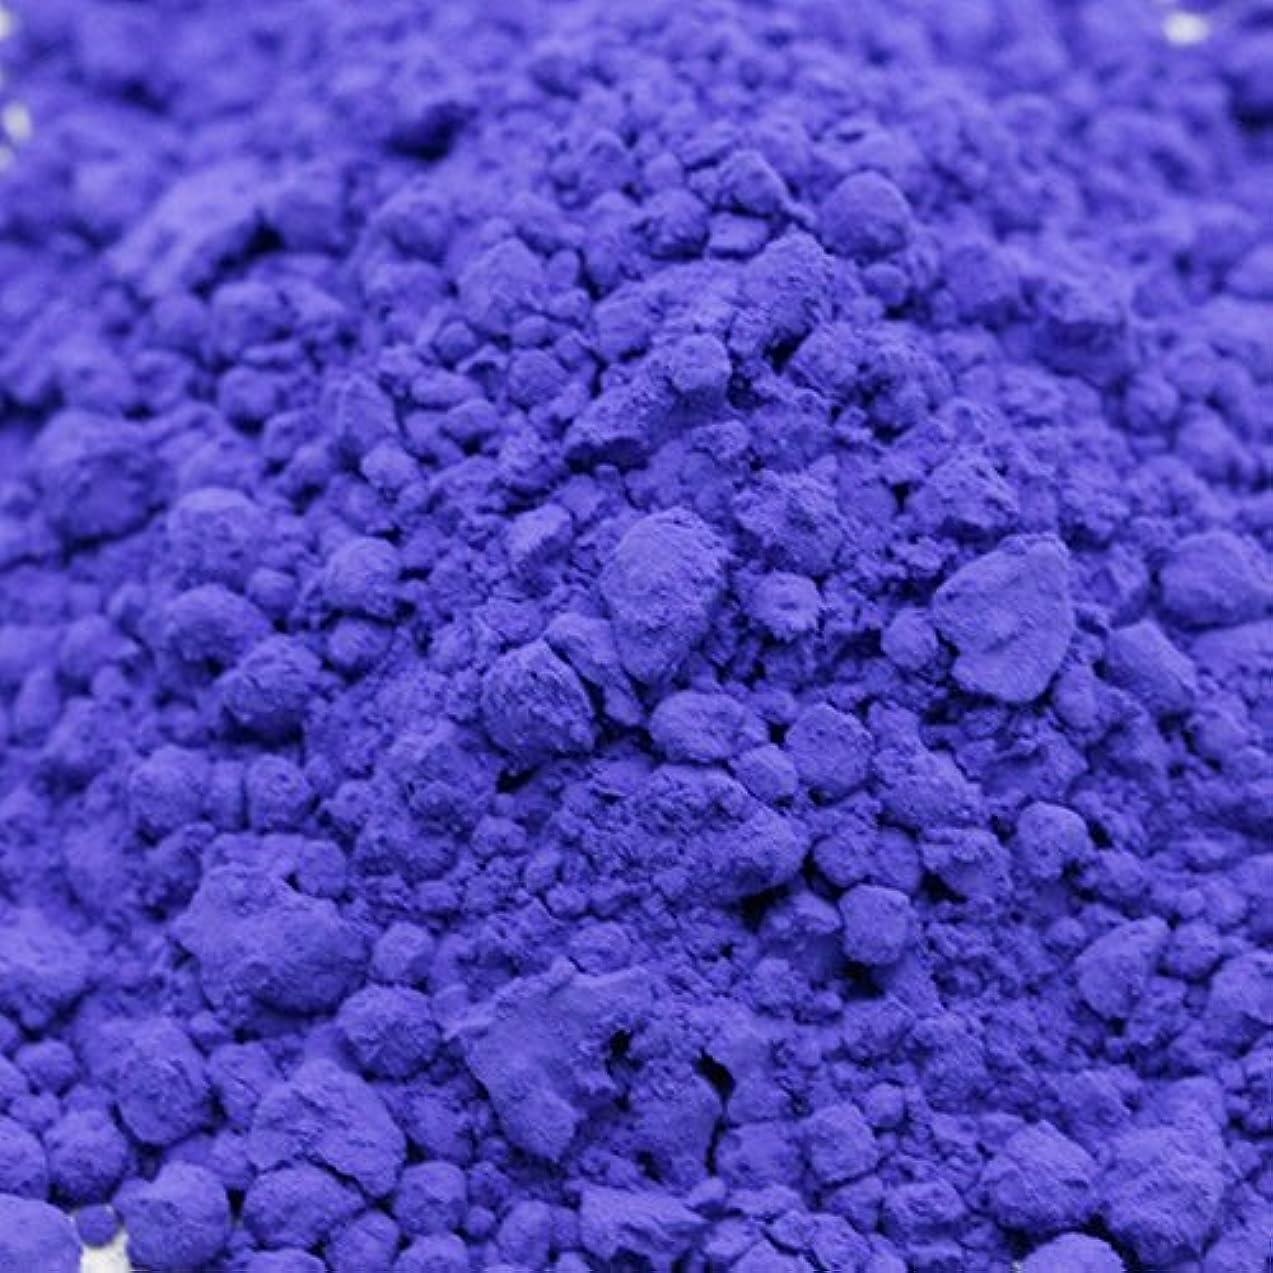 汗イブ脳キャンディカラー ブルー 5g 【手作り石鹸/手作りコスメ/色付け/カラーラント/ブルー】